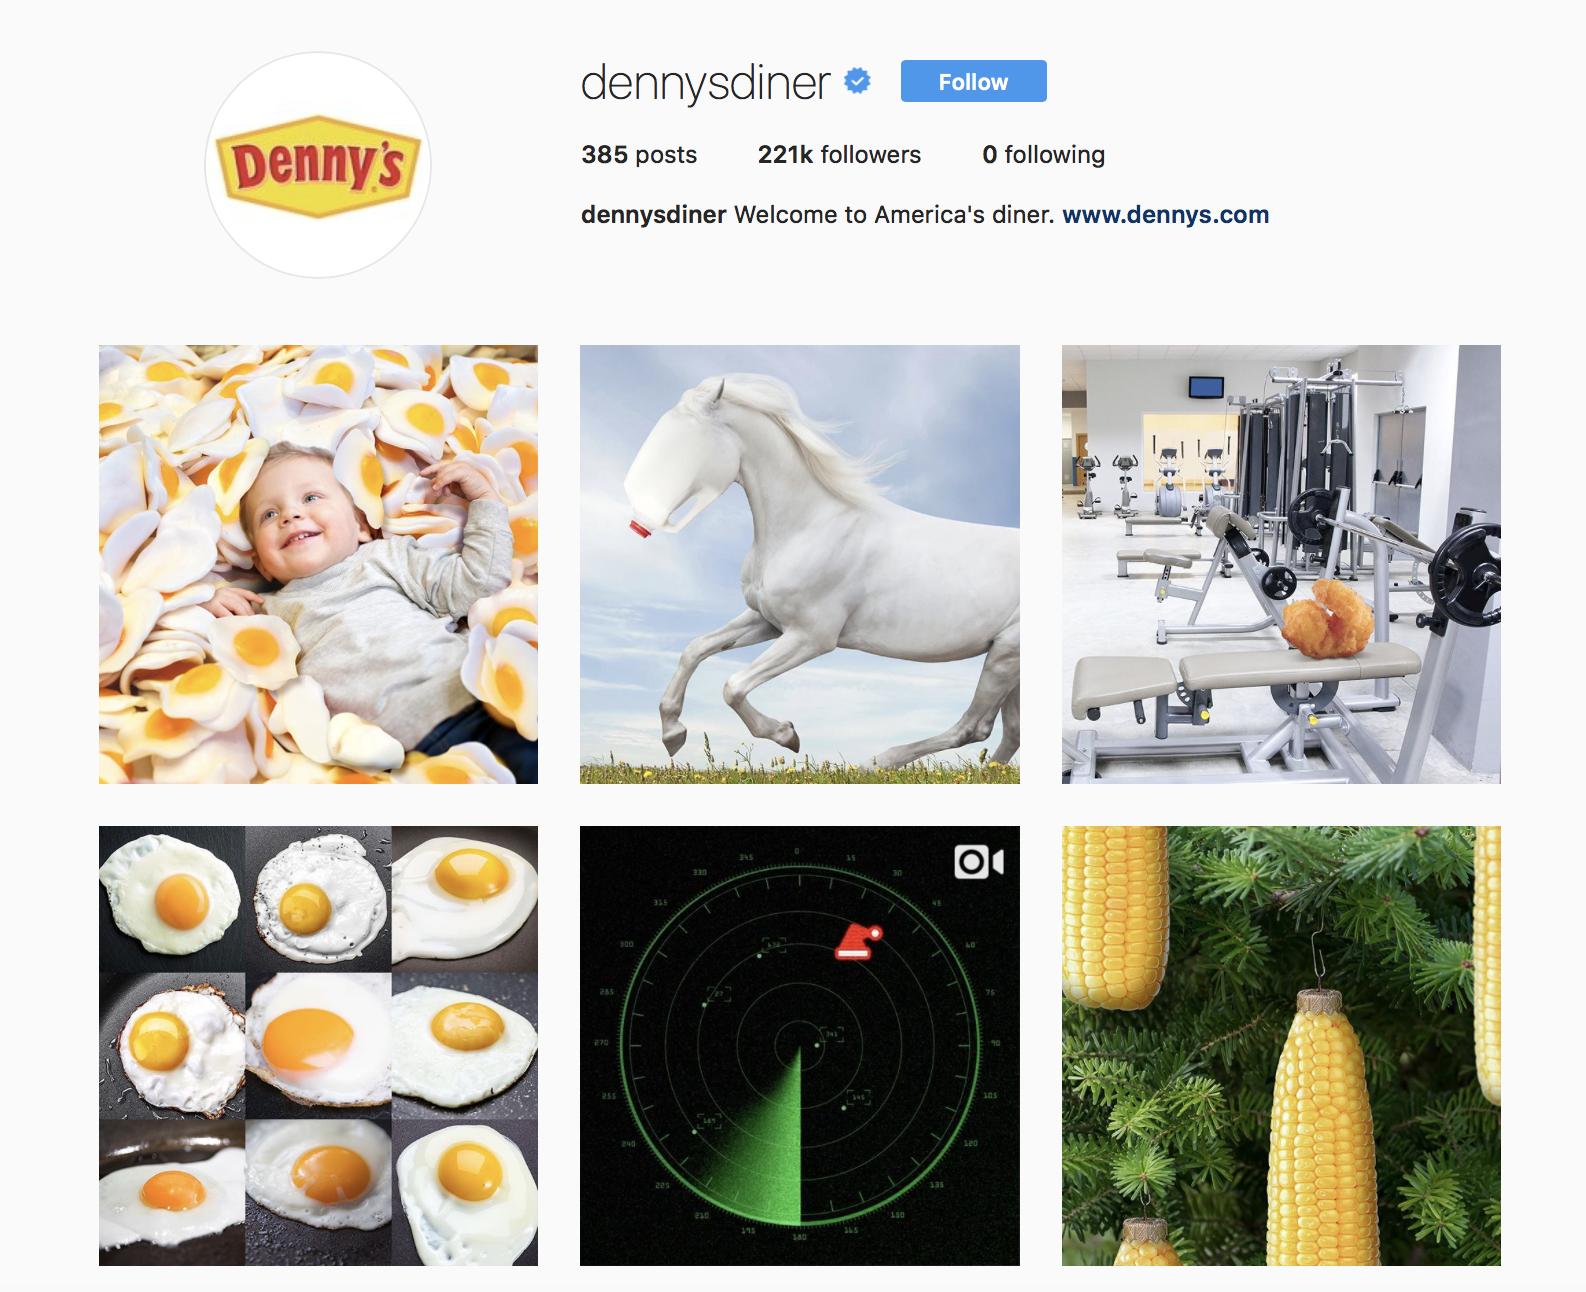 denny-diner-best-brands-on-instagram